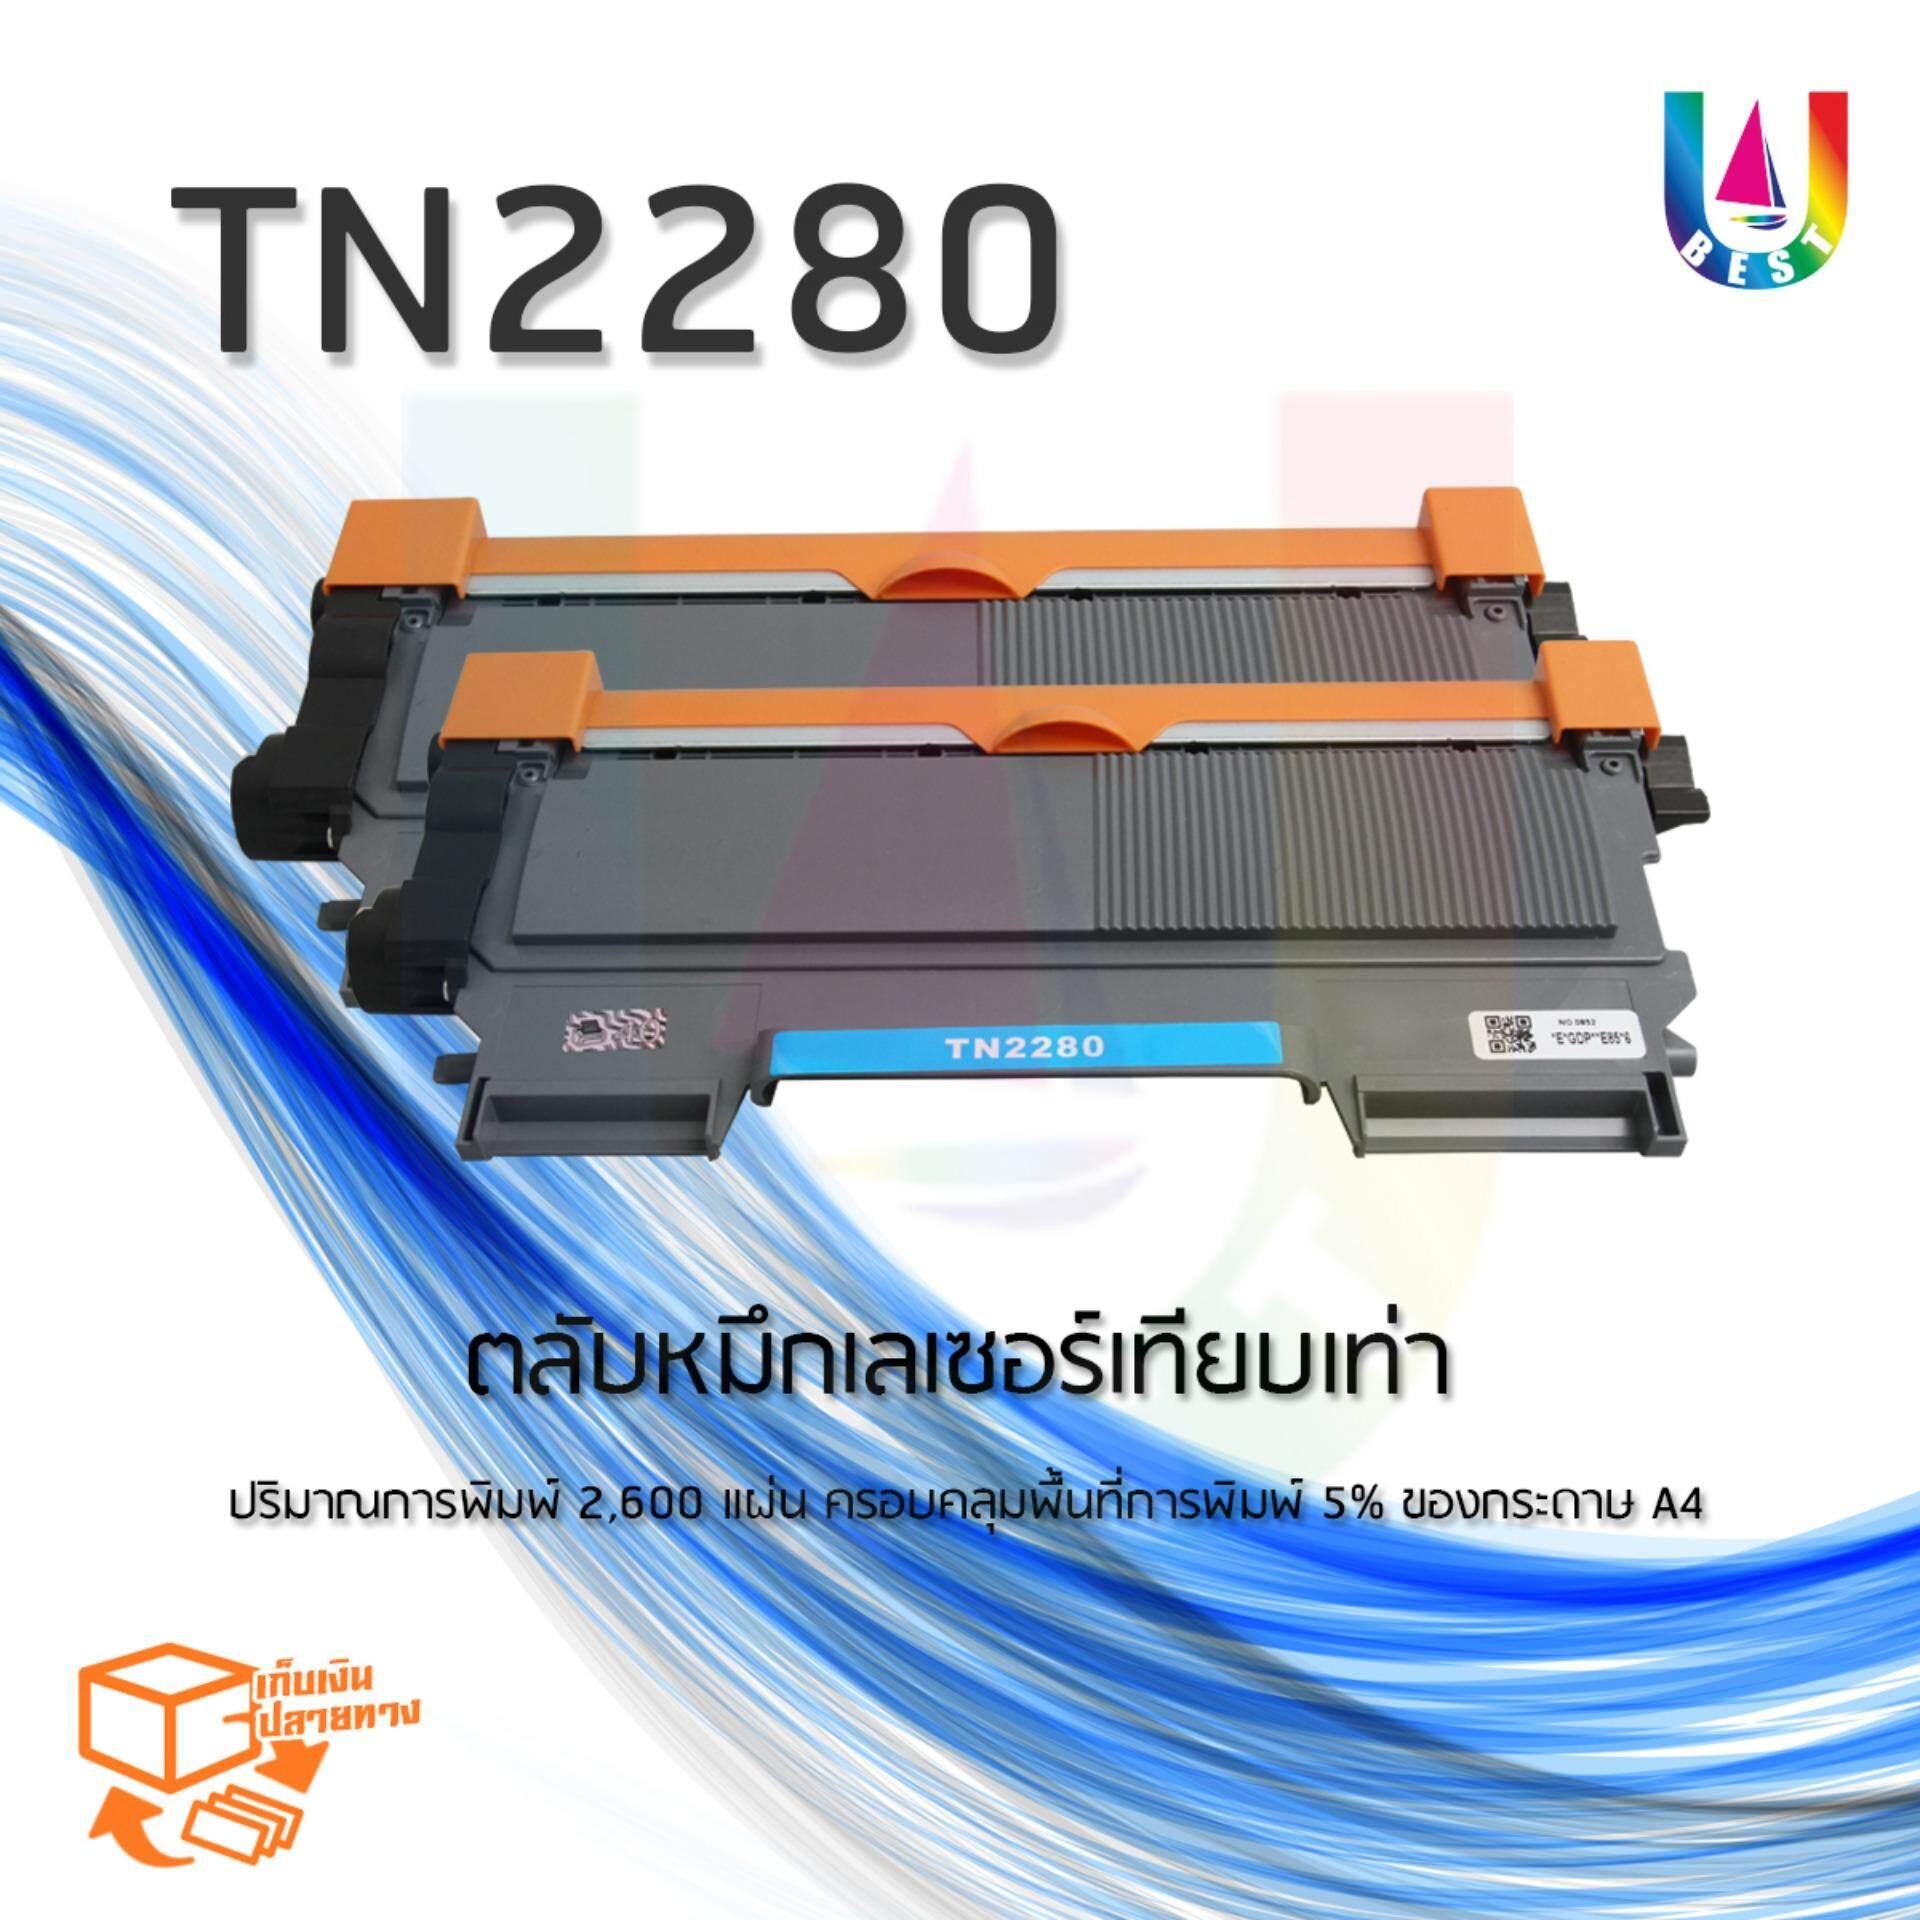 ส่วนลด สินค้า Axis Brother 2280 Tn 2280 Tn2280 ใช้กับปริ๊นเตอร์รุ่น Brother Hl 2130 2240D 2242D 2250Dn 2270Dw Dcp 7055 4060D 7065Dn Mfc 7240 7360N 7362 7460Dn 7470D 7860Dw Best4U Pack 2